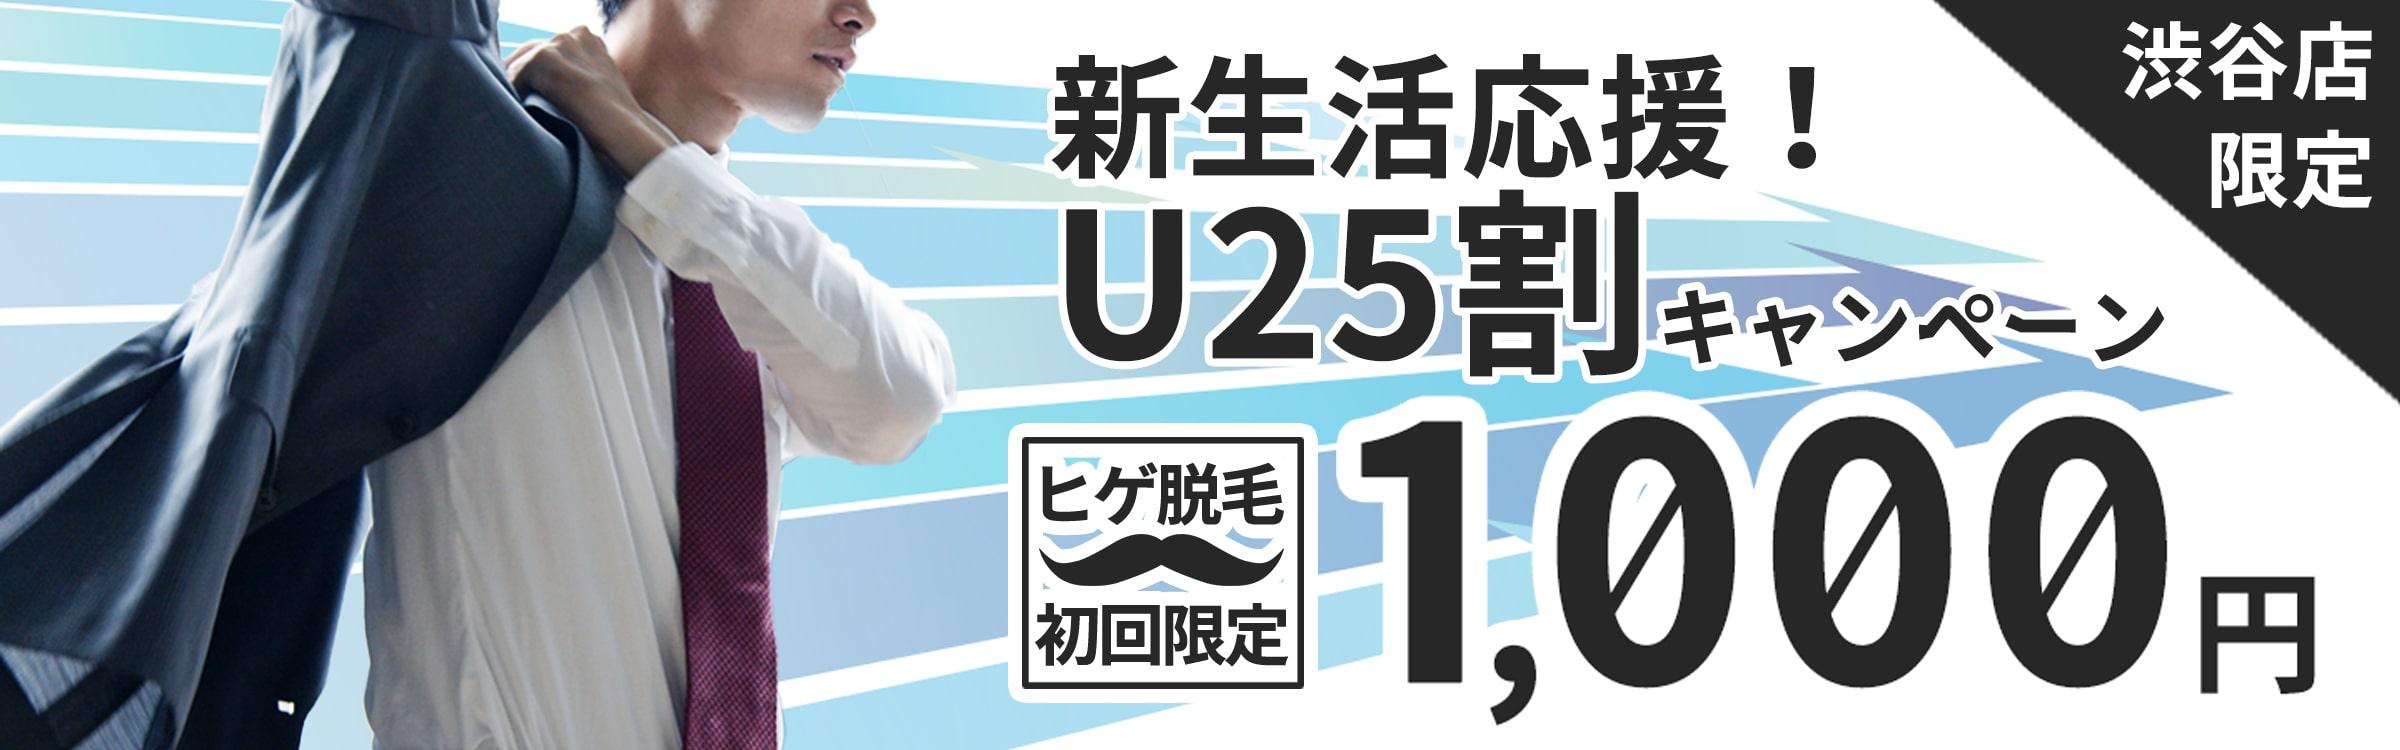 メンズ脱毛フィーゴ渋谷店限定U25割キャンペーン